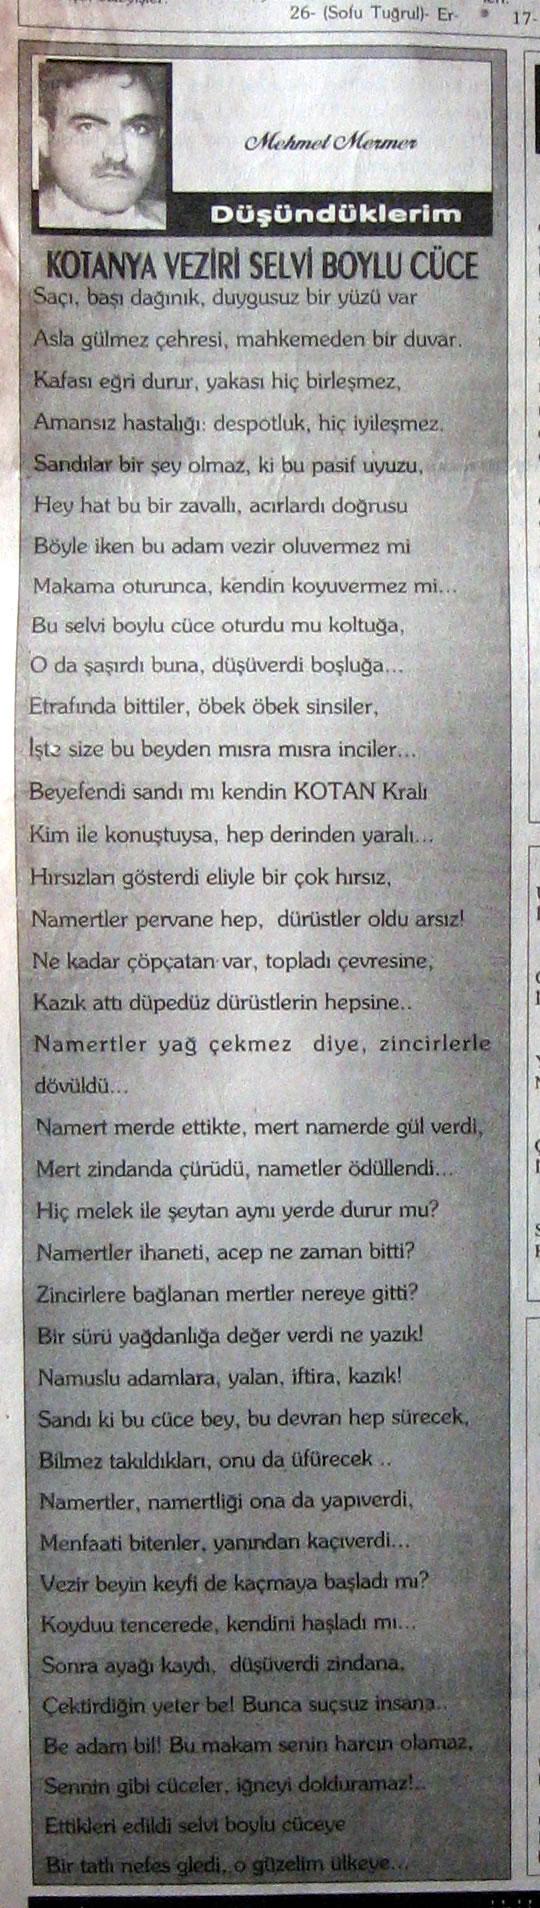 Kotanya Veziri Selvi Boylu Cüce